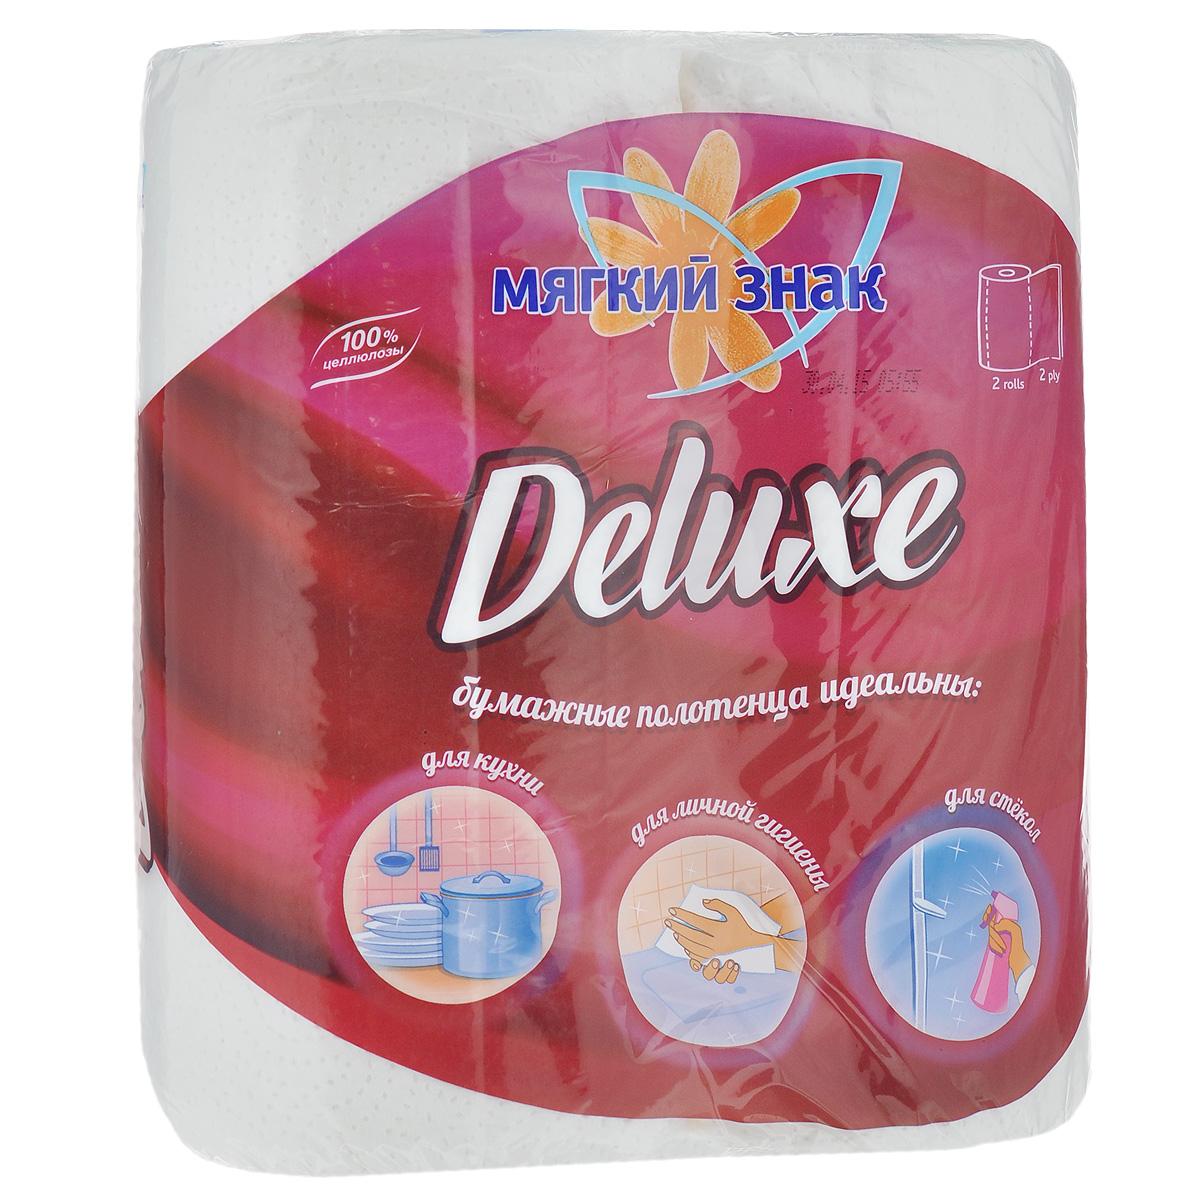 Полотенца бумажные Мягкий знак Deluxe, двухслойные, цвет: белый, 2 рулона790009Бумажные полотенца Мягкий знак Deluxe созданы из экологически чистого волокна - 100% целлюлозы. Двухслойные. Хорошо впитывают влагу и идеально подходят для ежедневного использования.Количество листов: 48 шт. Количество слоев: 2. Размер листа: 25 см х 23 см. Состав: 100% целлюлоза.